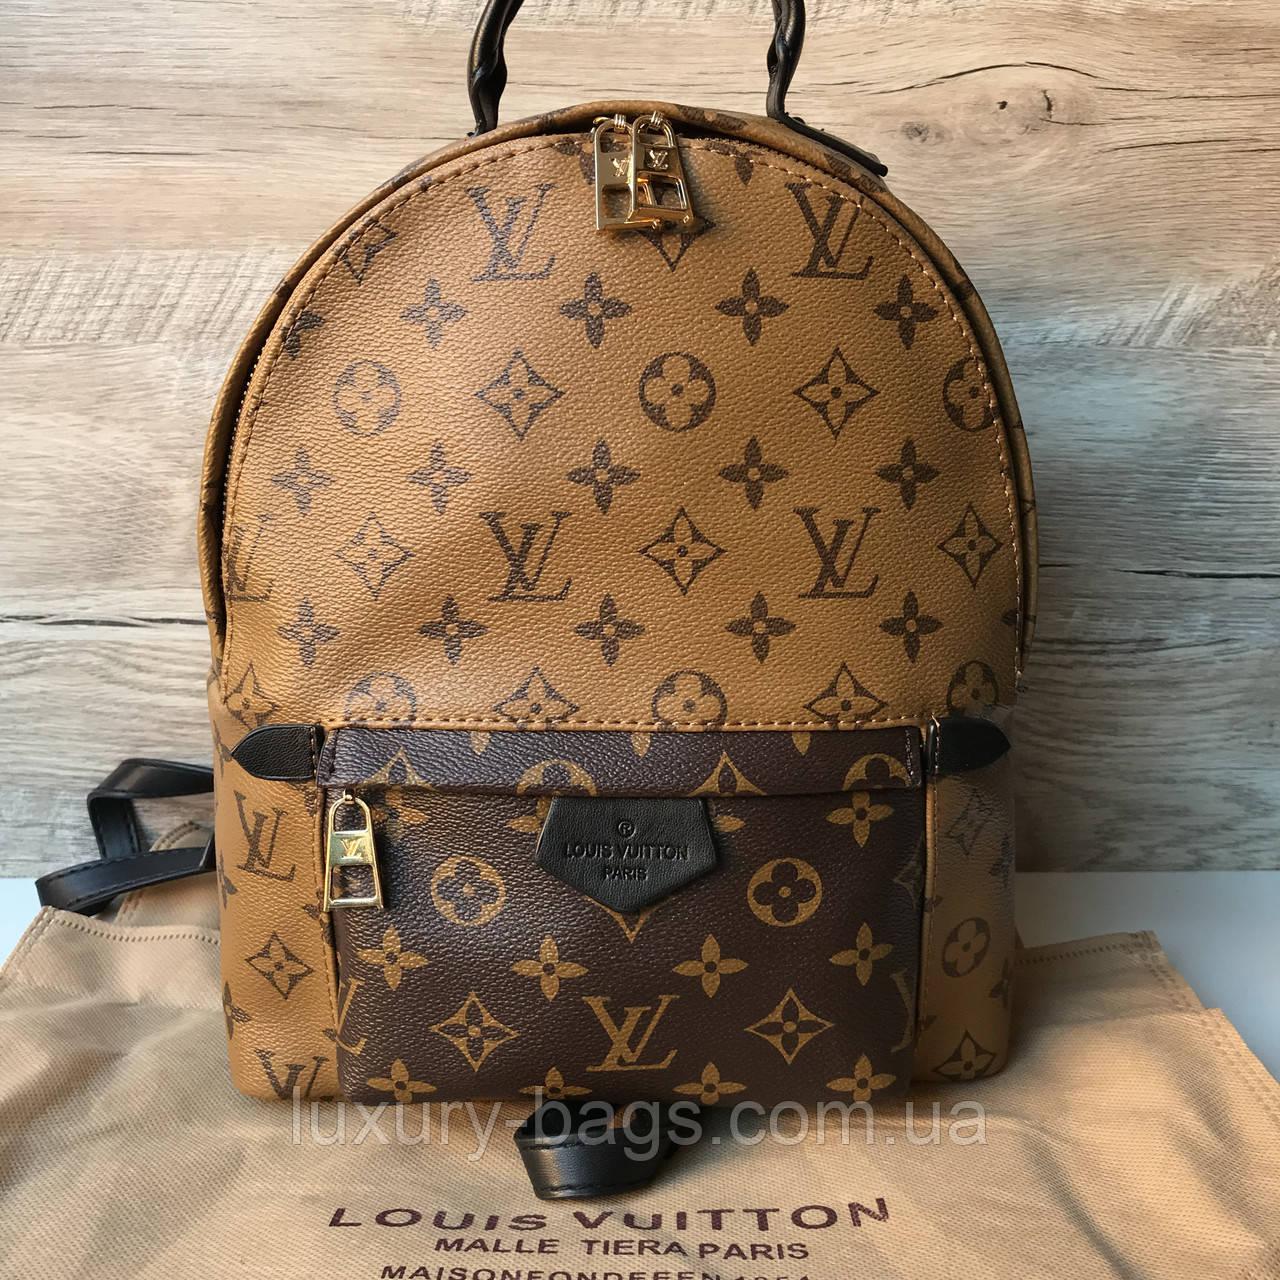 Женский рюкзак среднего размера Louis Vuitton Monogram луи виттон -  BaGsInTrend в Одессе 10815c76efd